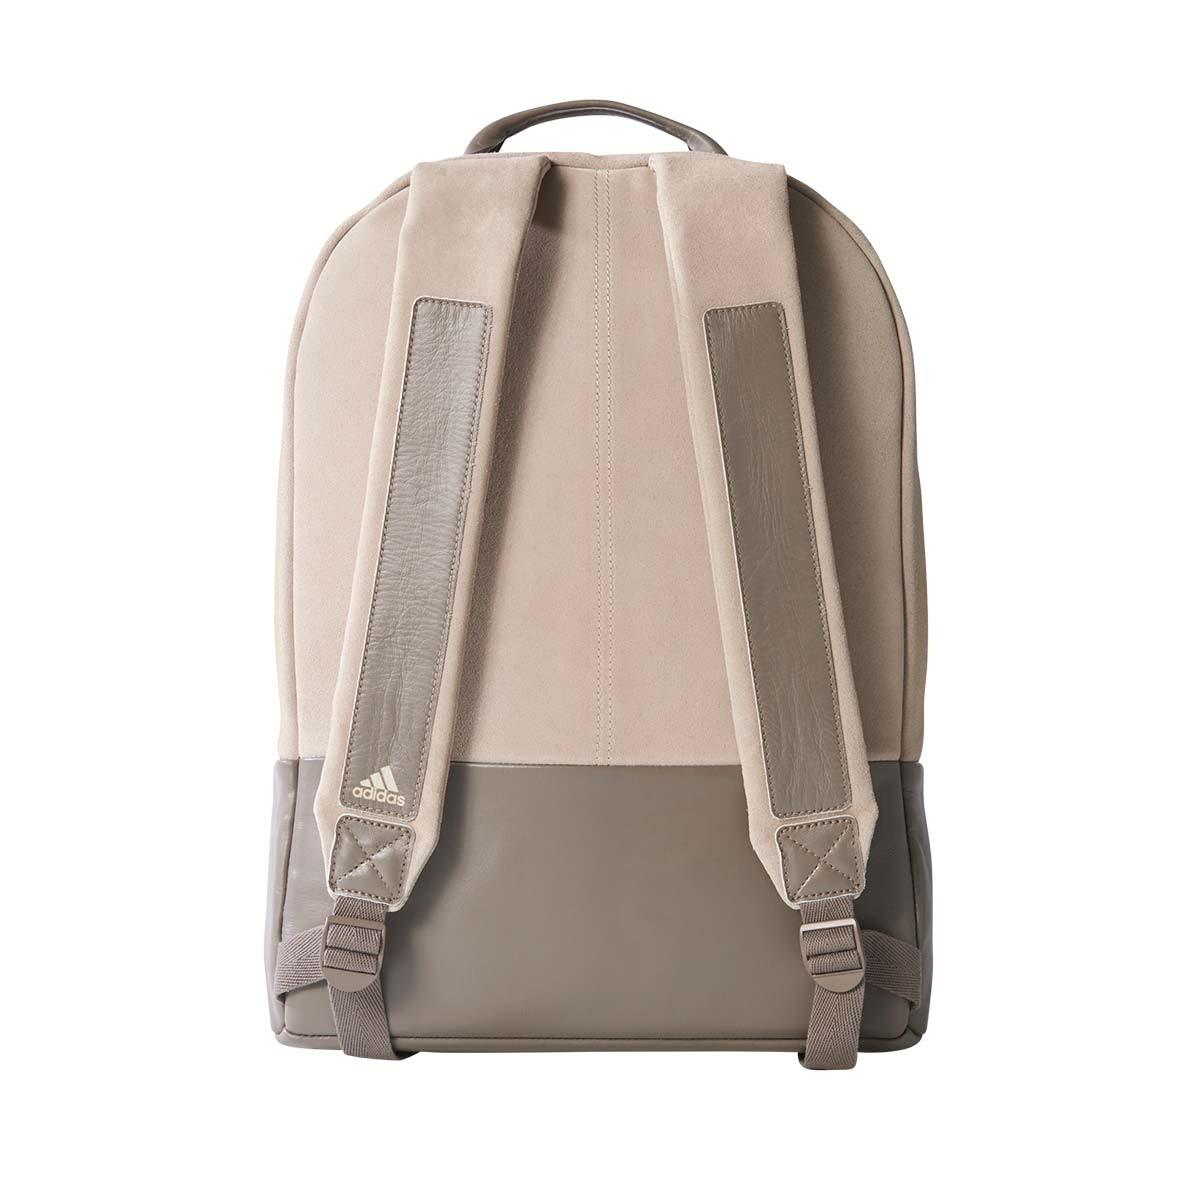 fb6b9195fd45 Backpack adidas Pogba Clear brown - Soloporteros es ahora Fútbol Emotion